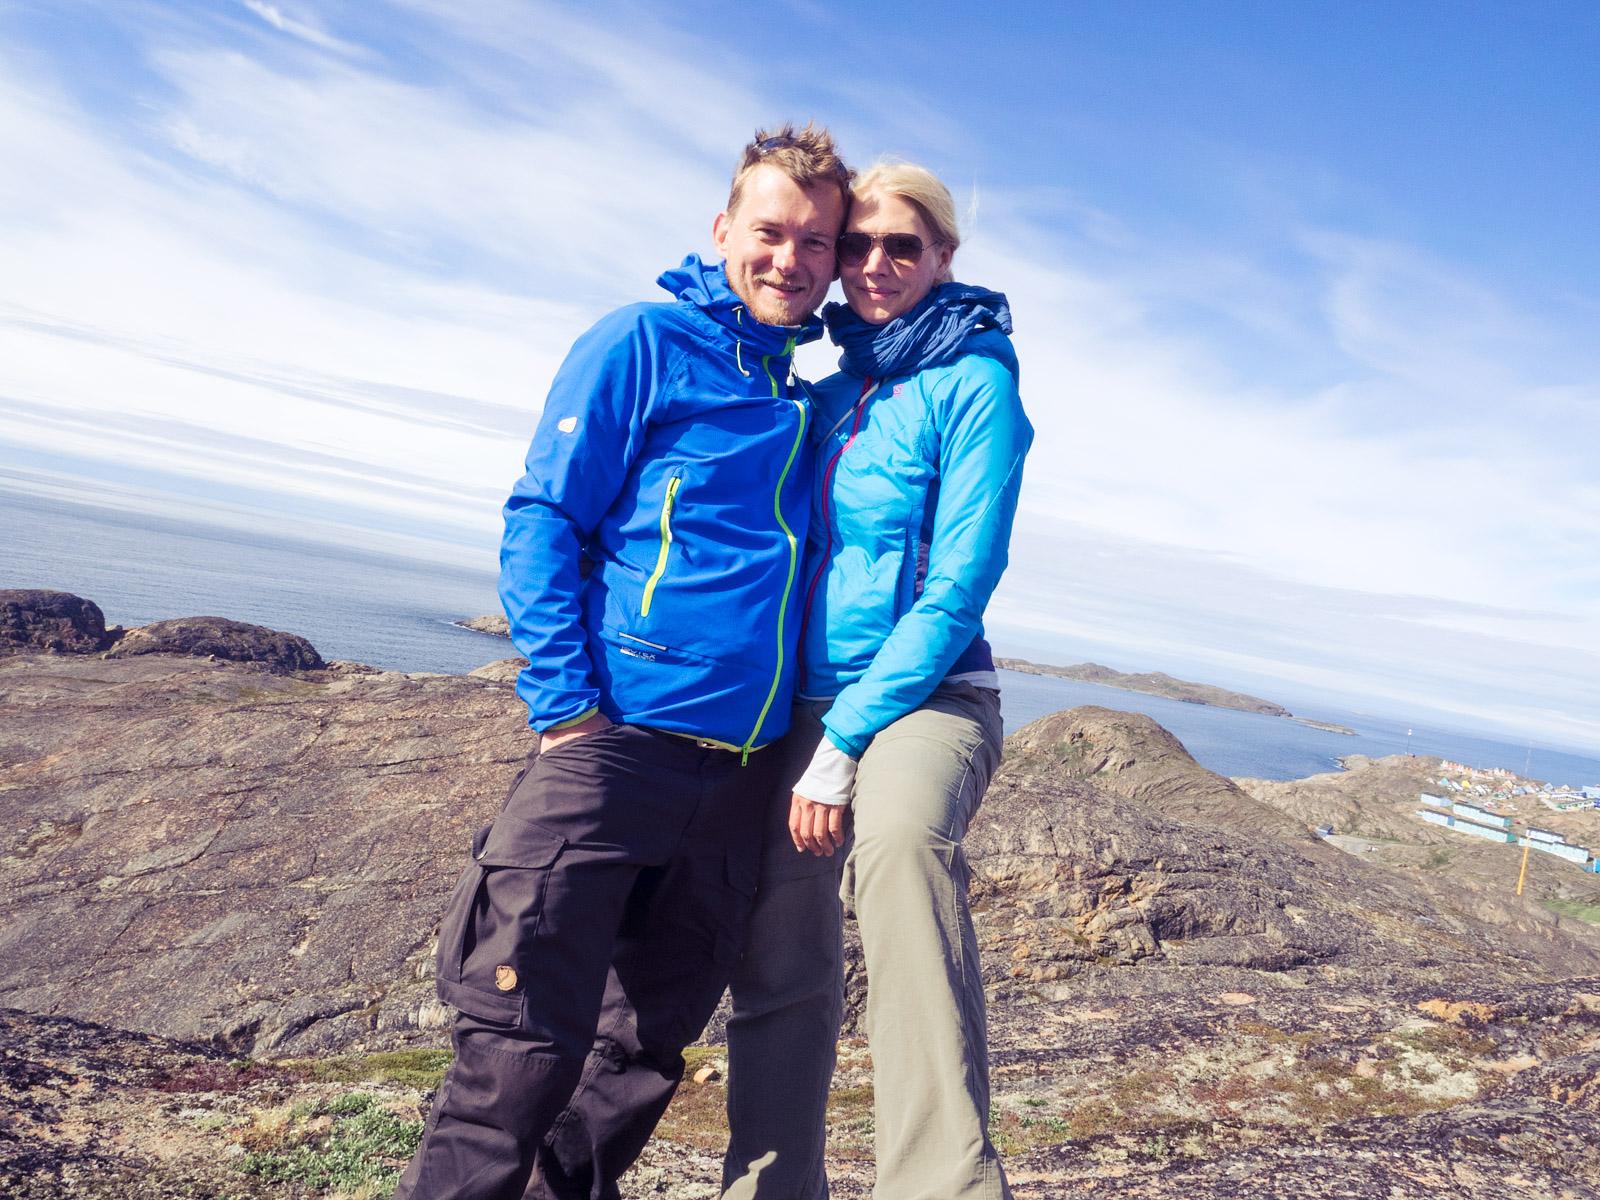 Nat und Janne auf einem Hügel